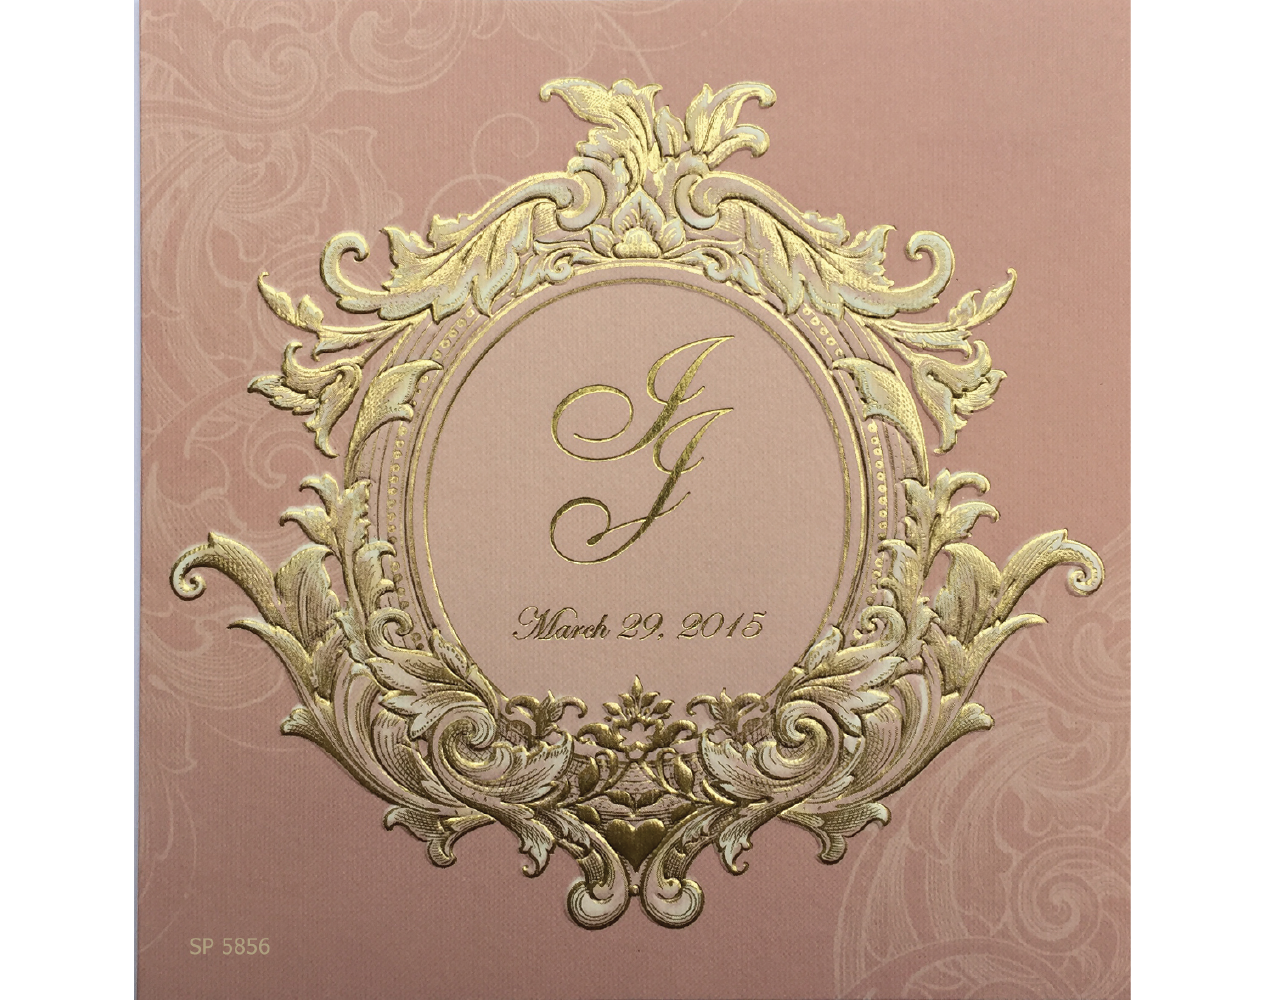 การ์ดแต่งงาน การ์ดเชิญงานแต่ง ดีไซน์เรียบหรู สีชมพู ลวดลายปั๊มนูน ปั๊มฟอยล์การ์ดพร้อมซอง wedding card 6.5x6.5 inch sp 5856